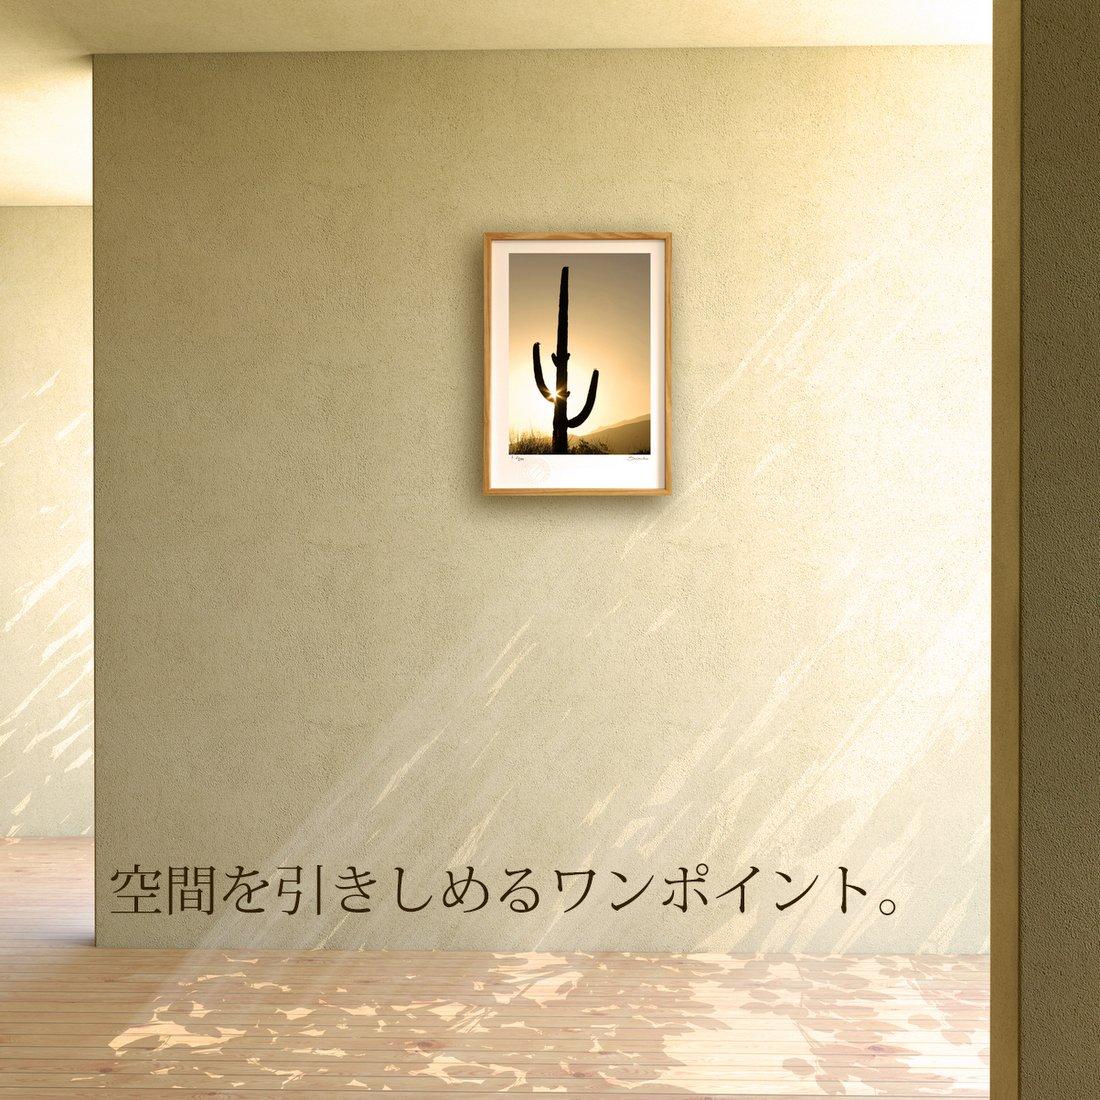 【版画 絵画】ザ ウエーブ - コヨーテビュート・ノース3(スミコ スコット)/インテリア 壁掛け 額入り アート アートパネル アートフレーム